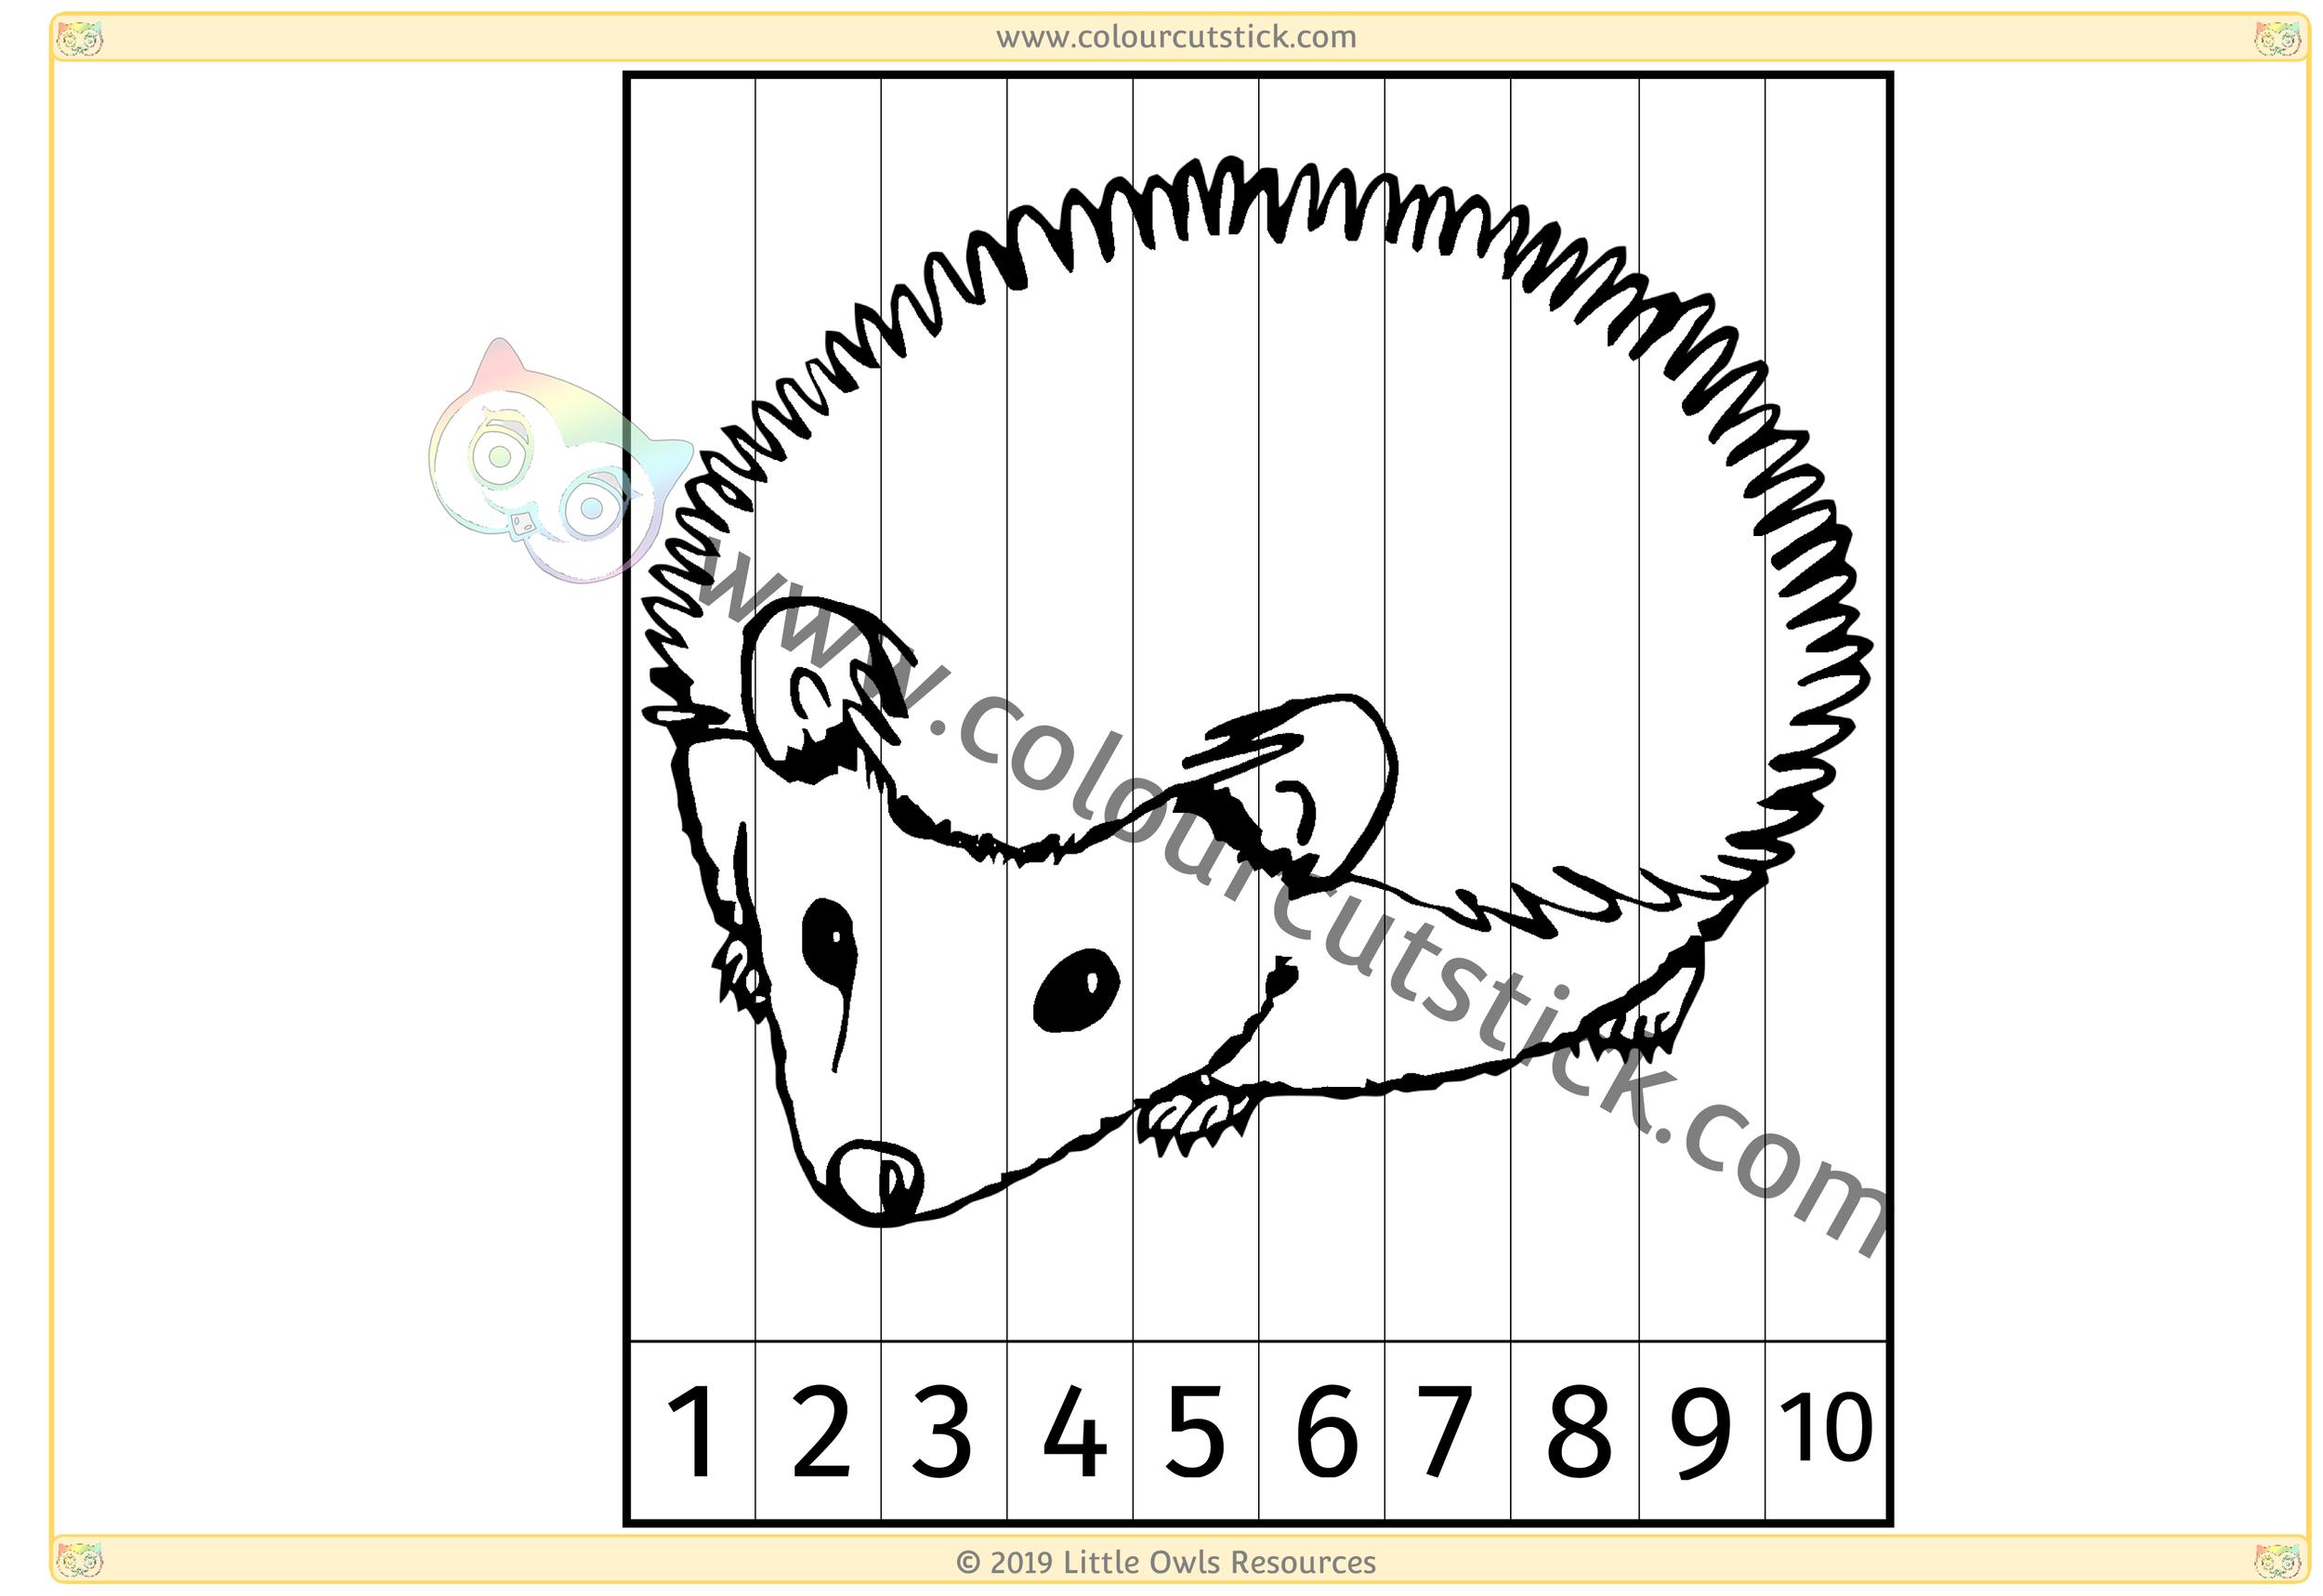 Hedgehog Number Slice Puzzle 1-10 -